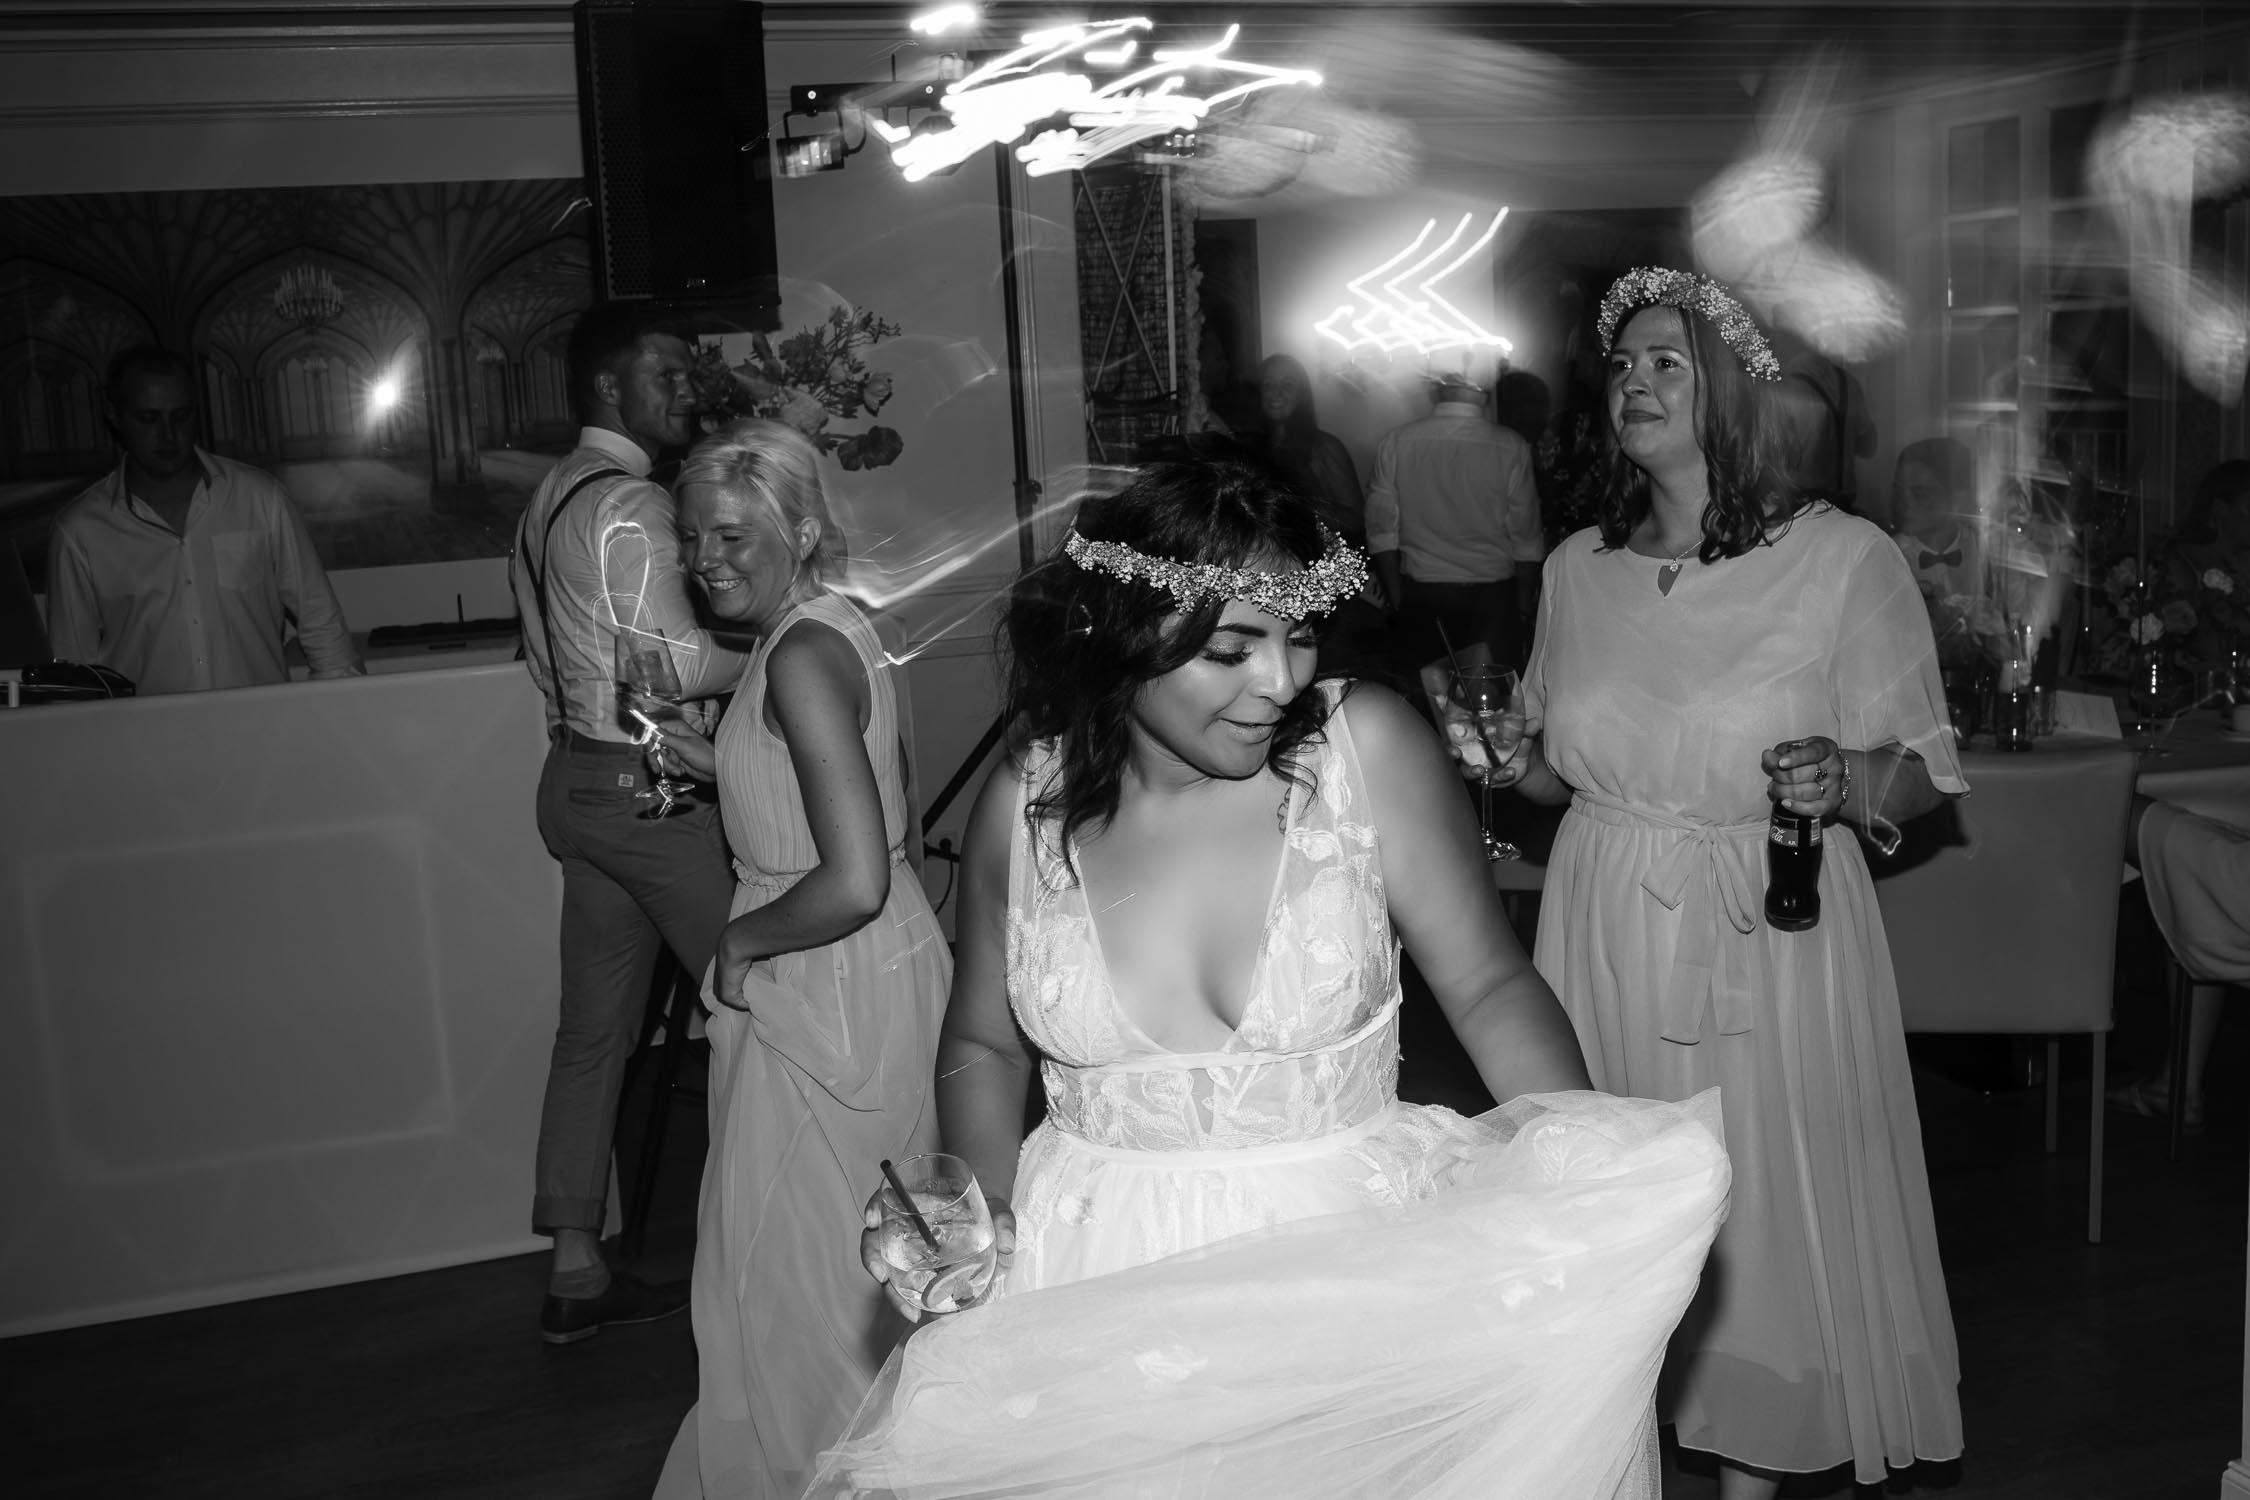 Authentische Hochzeitsfotografie Hochzeitsfotograf Koeln Andre Bastos Fotoggrafie 48 min – gesehen bei frauimmer-herrewig.de